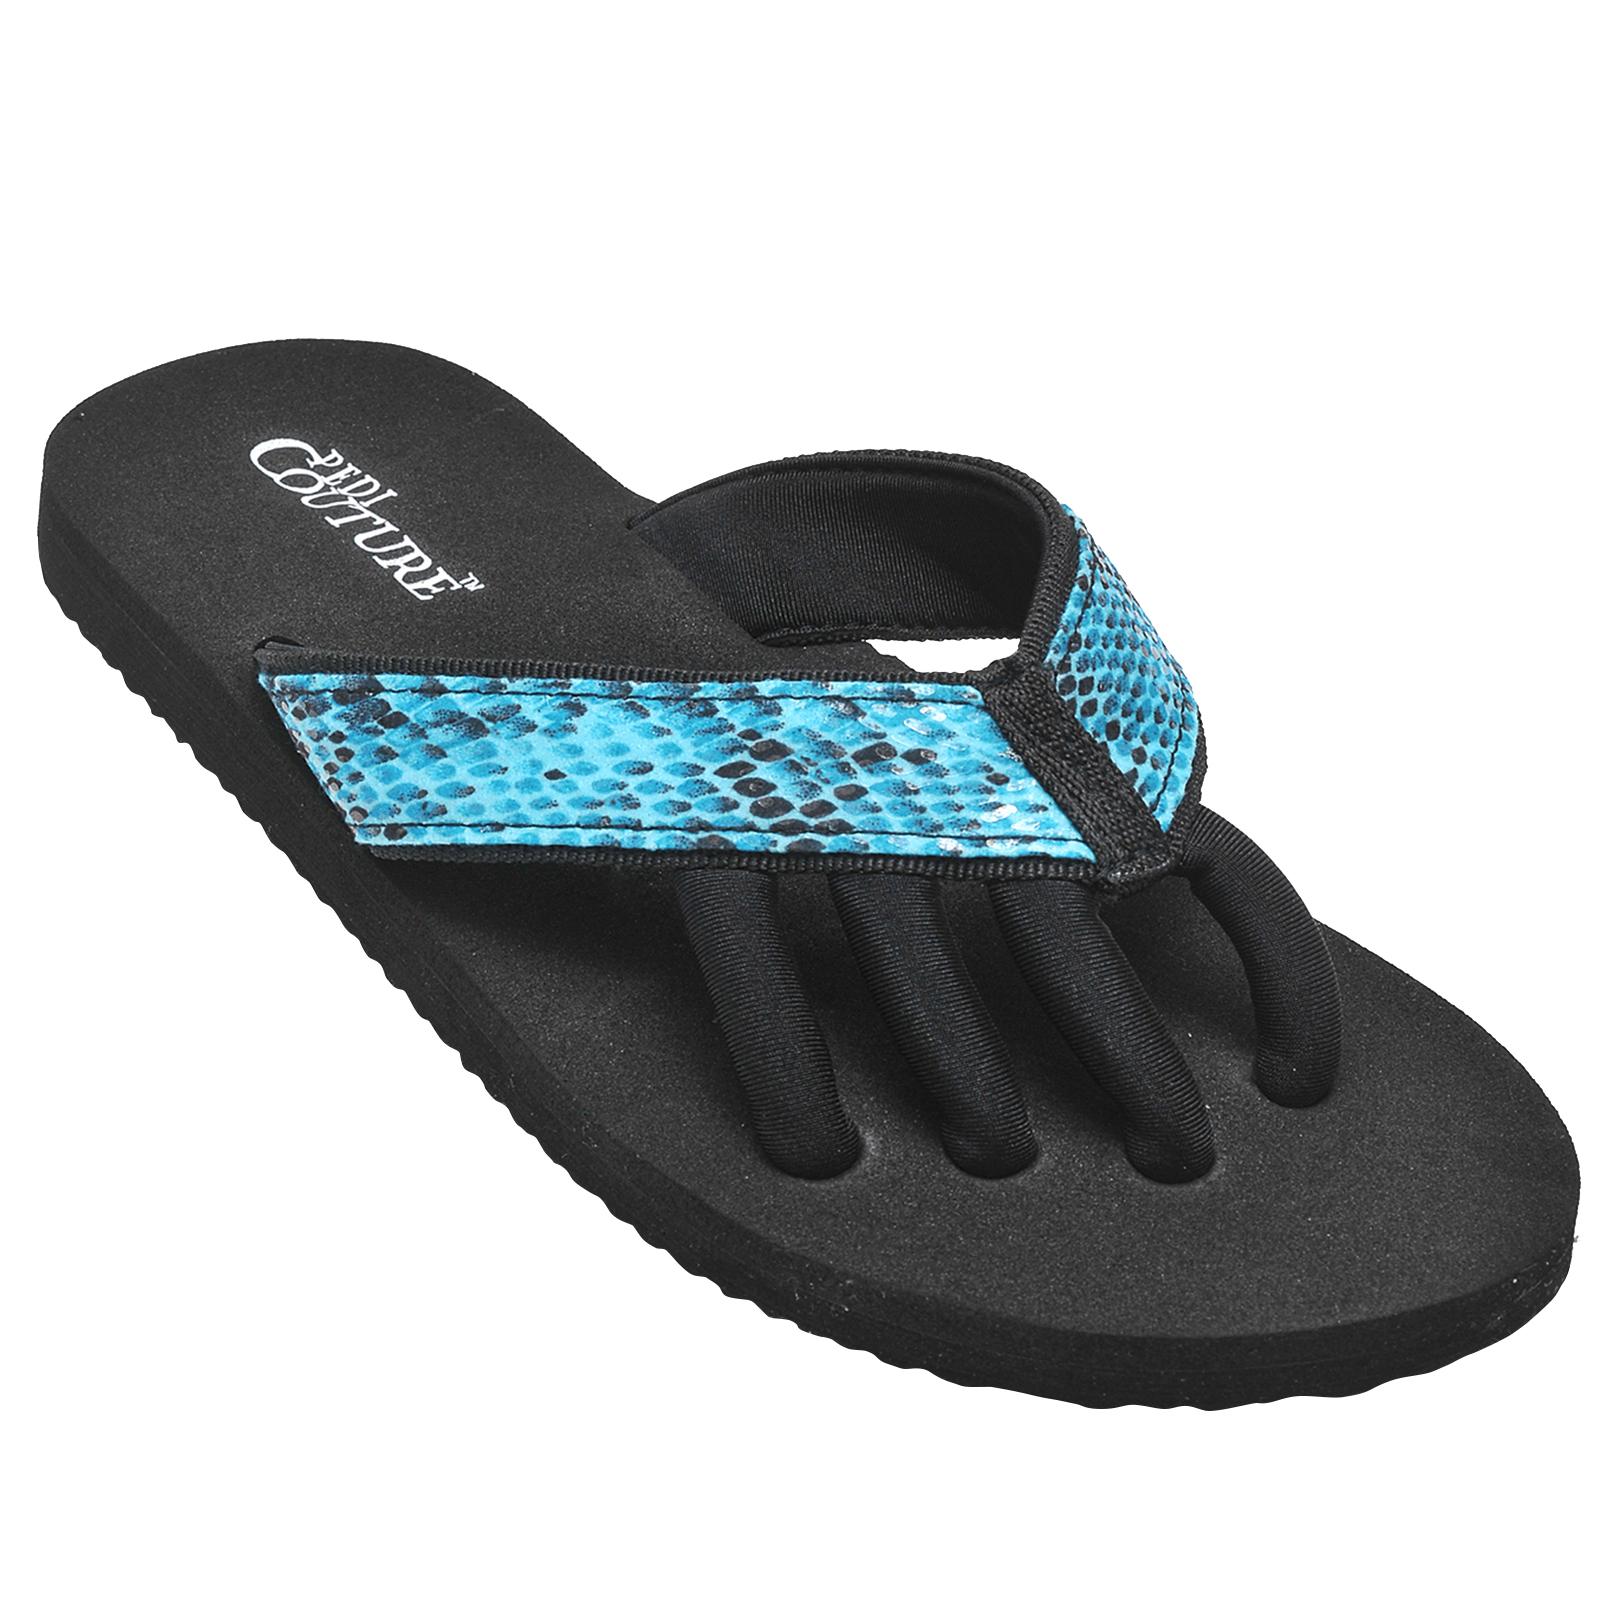 112bd9555 Nail salon flip flops - Blo dry bar austin